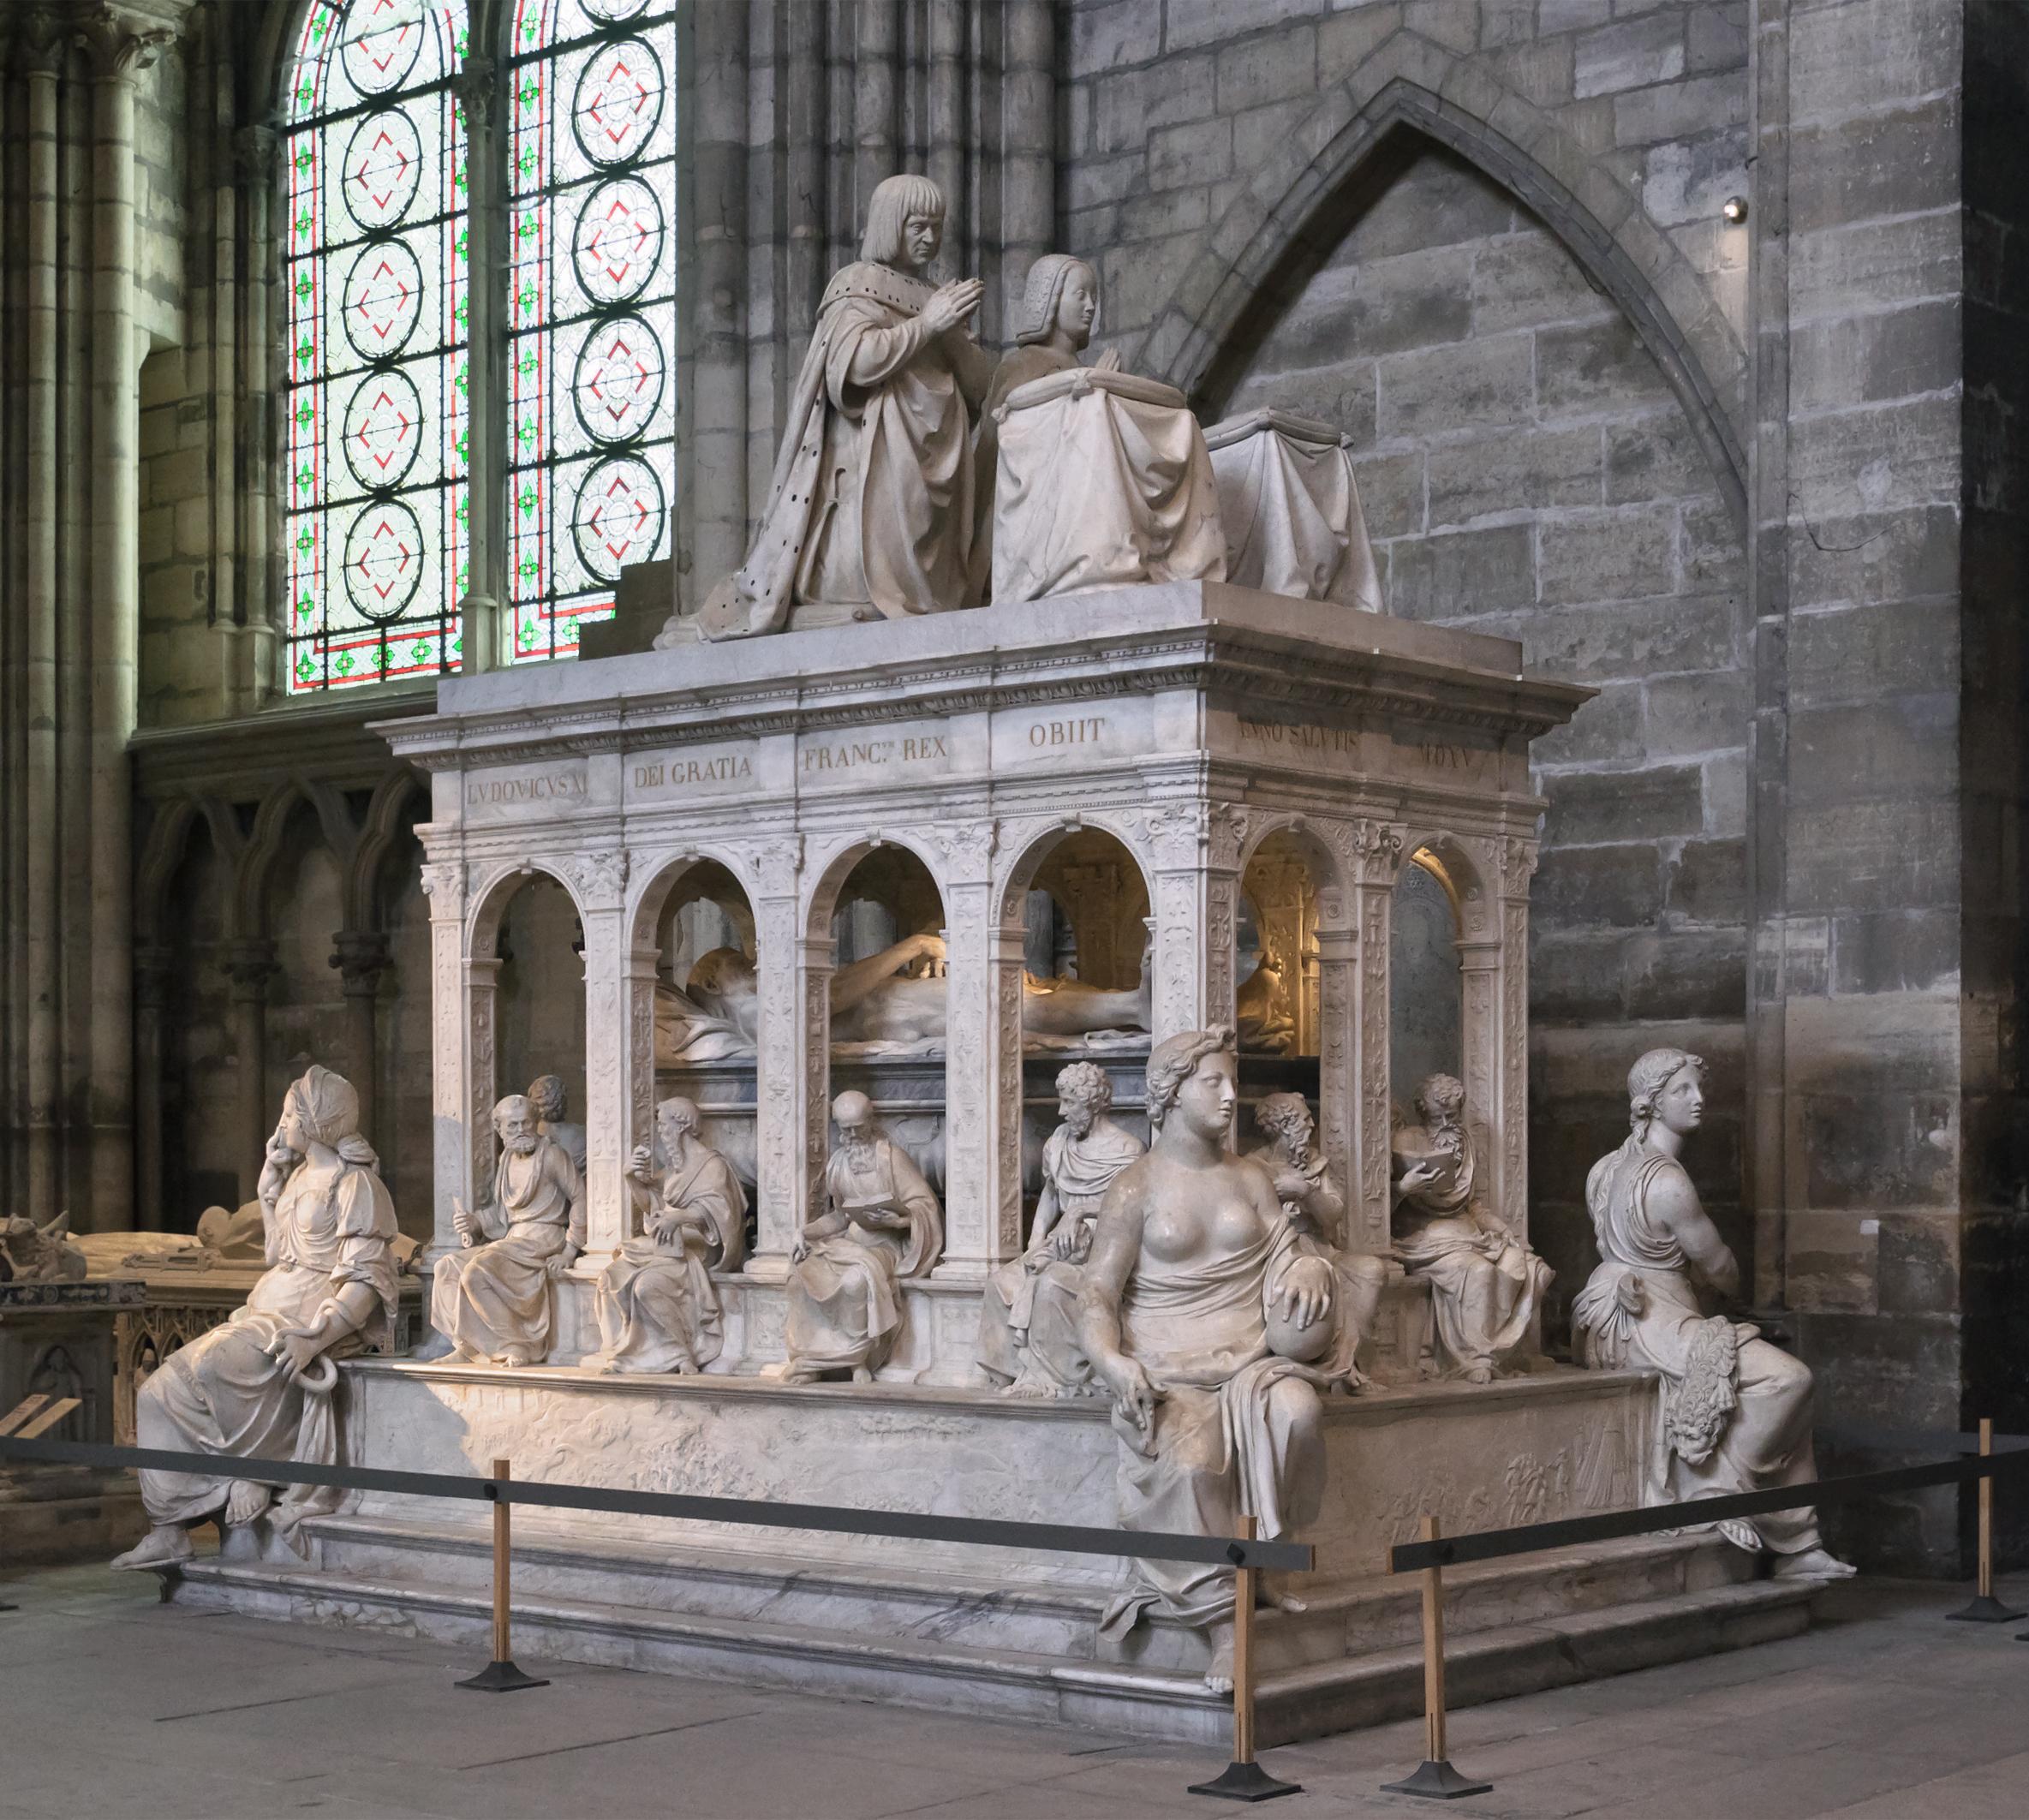 Bon Dimanche Basilique_Saint-Denis_Louis_XII_Anne_de_Bretagne_tombeau